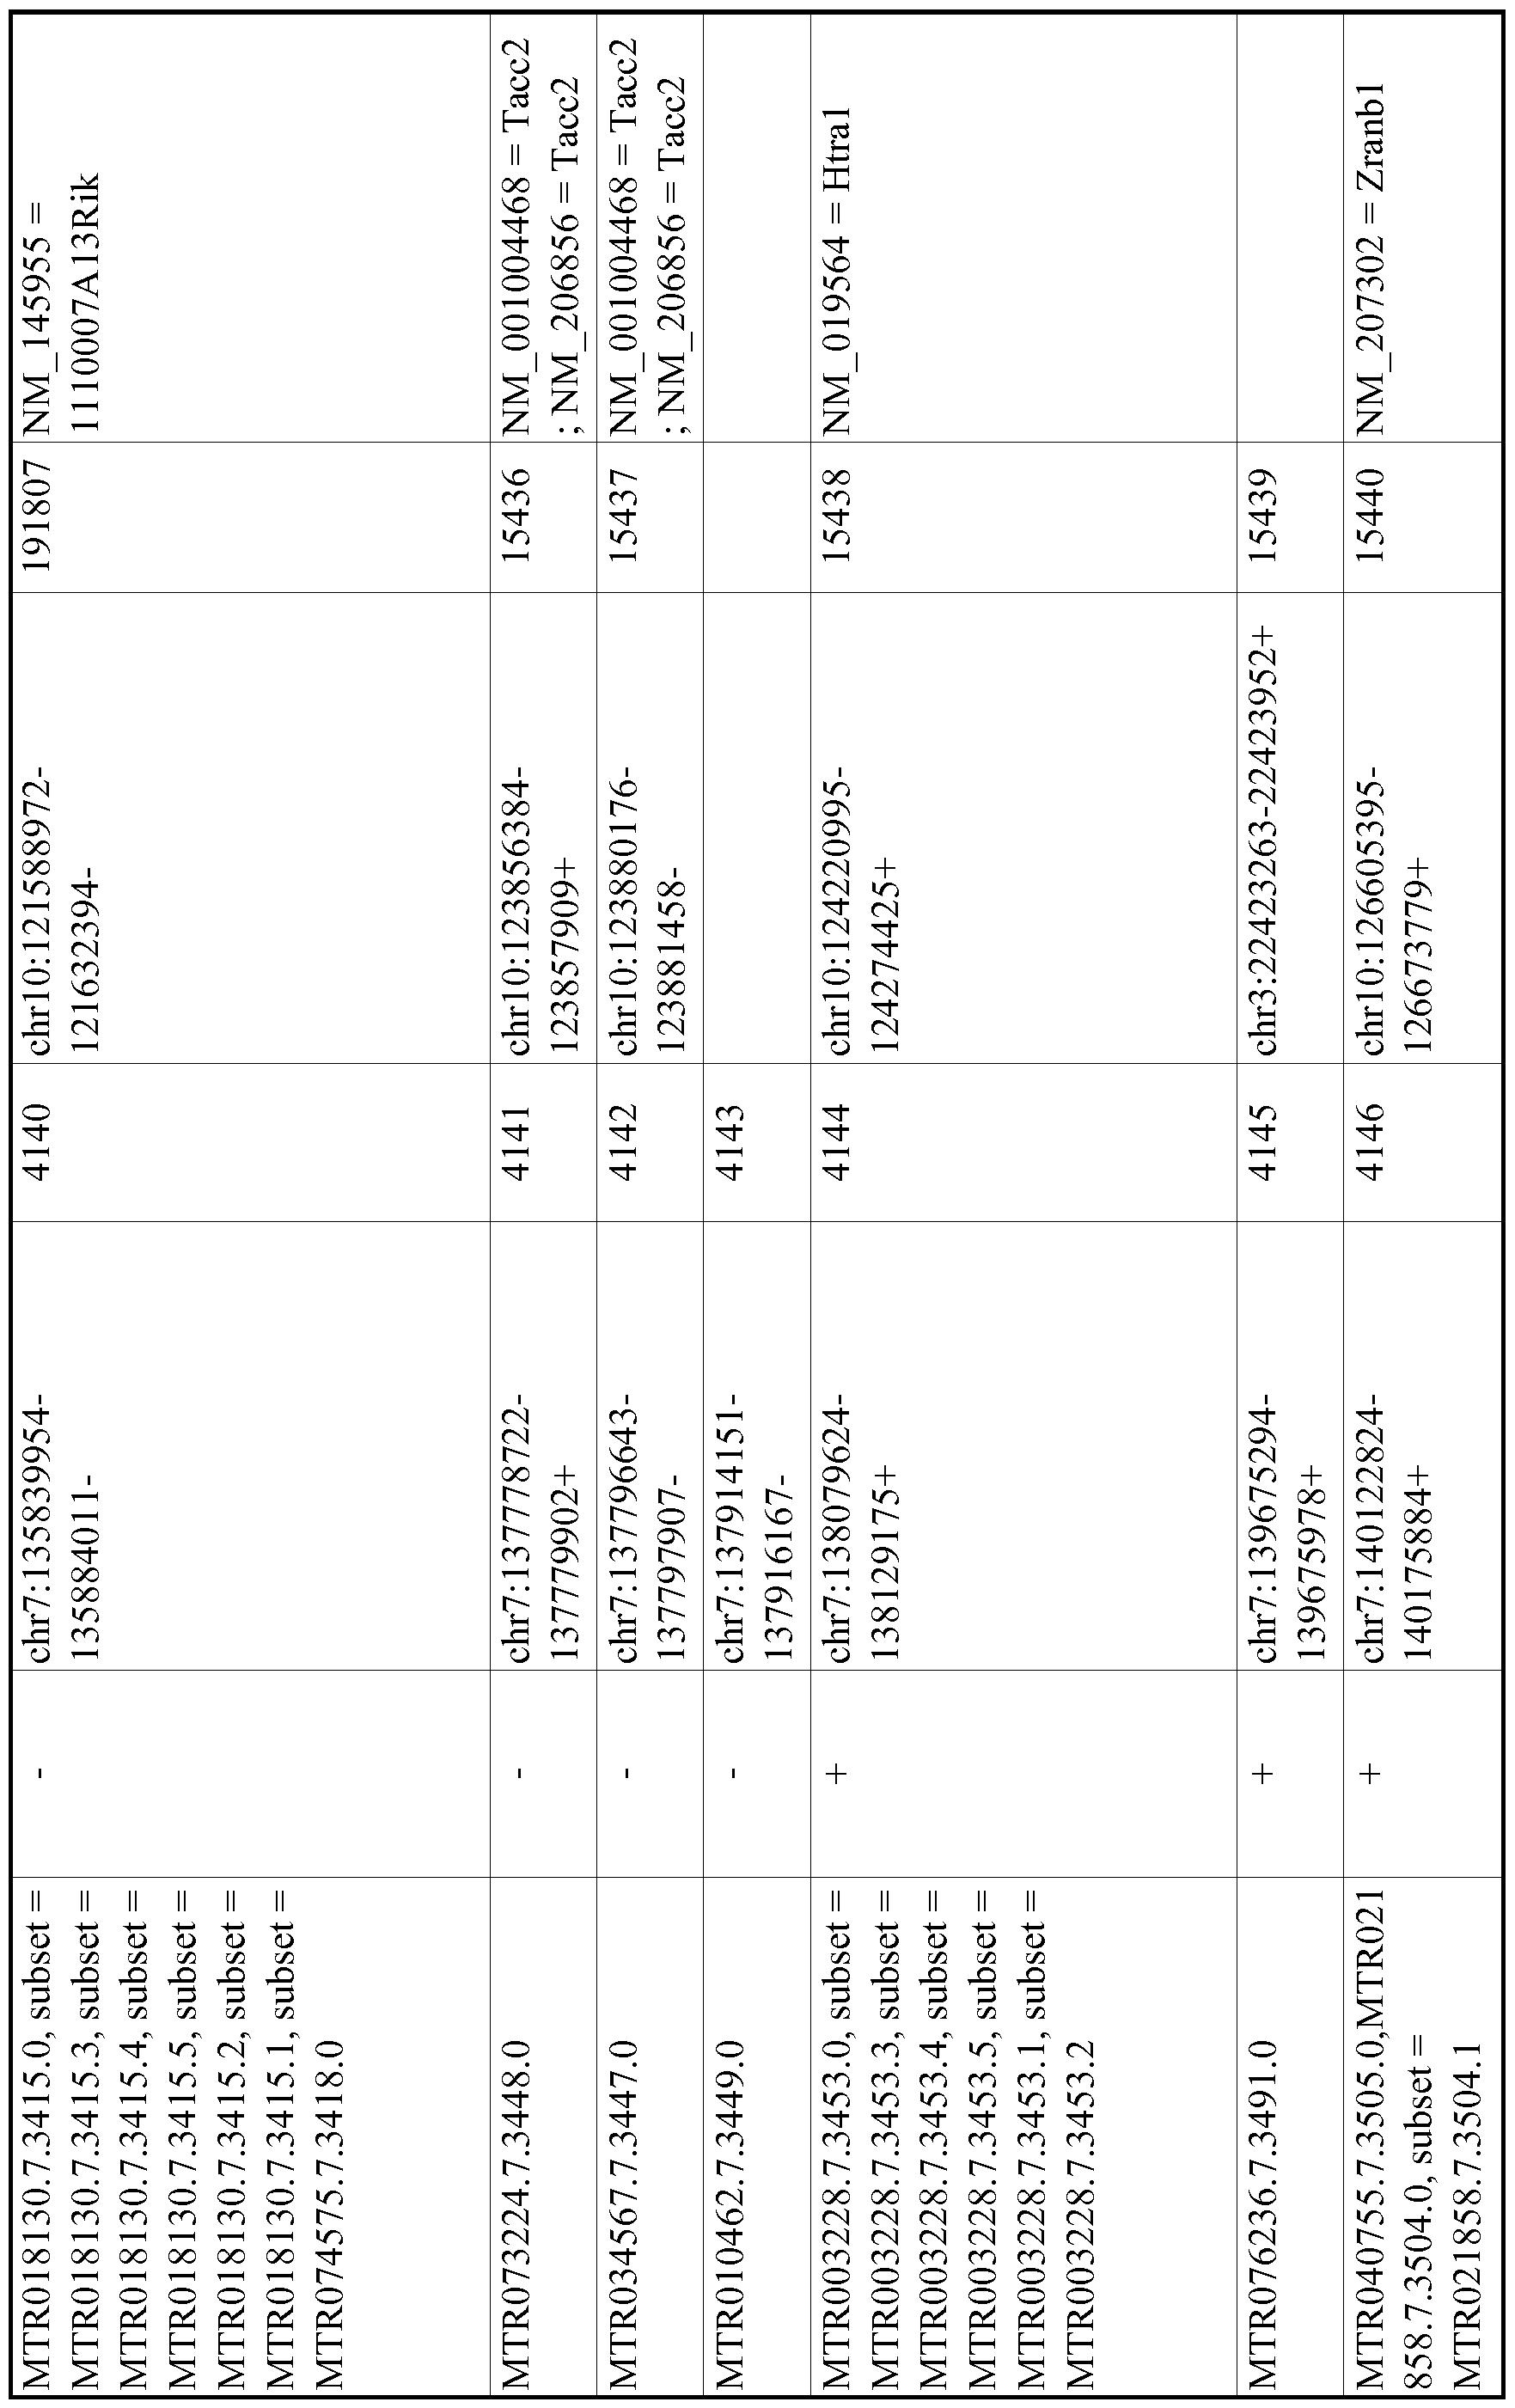 Figure imgf000782_0001